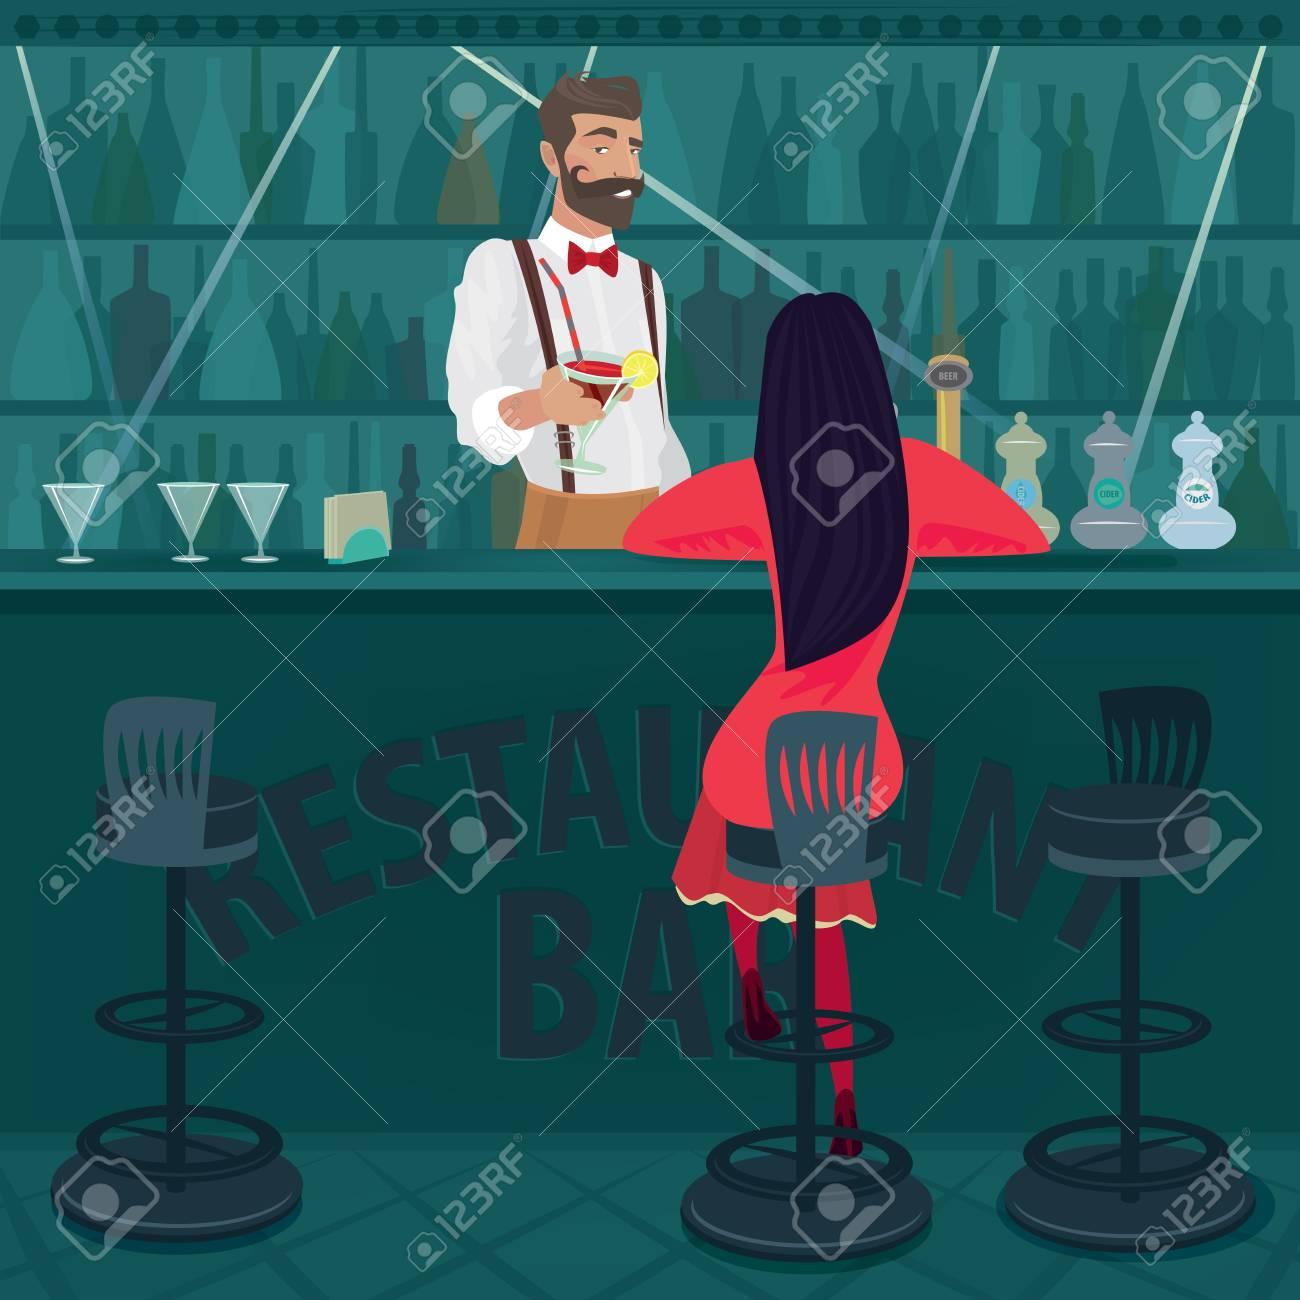 Junge Und Einsame Mädchen In Rot Mit Ihrem Haar Locker Sitzt In